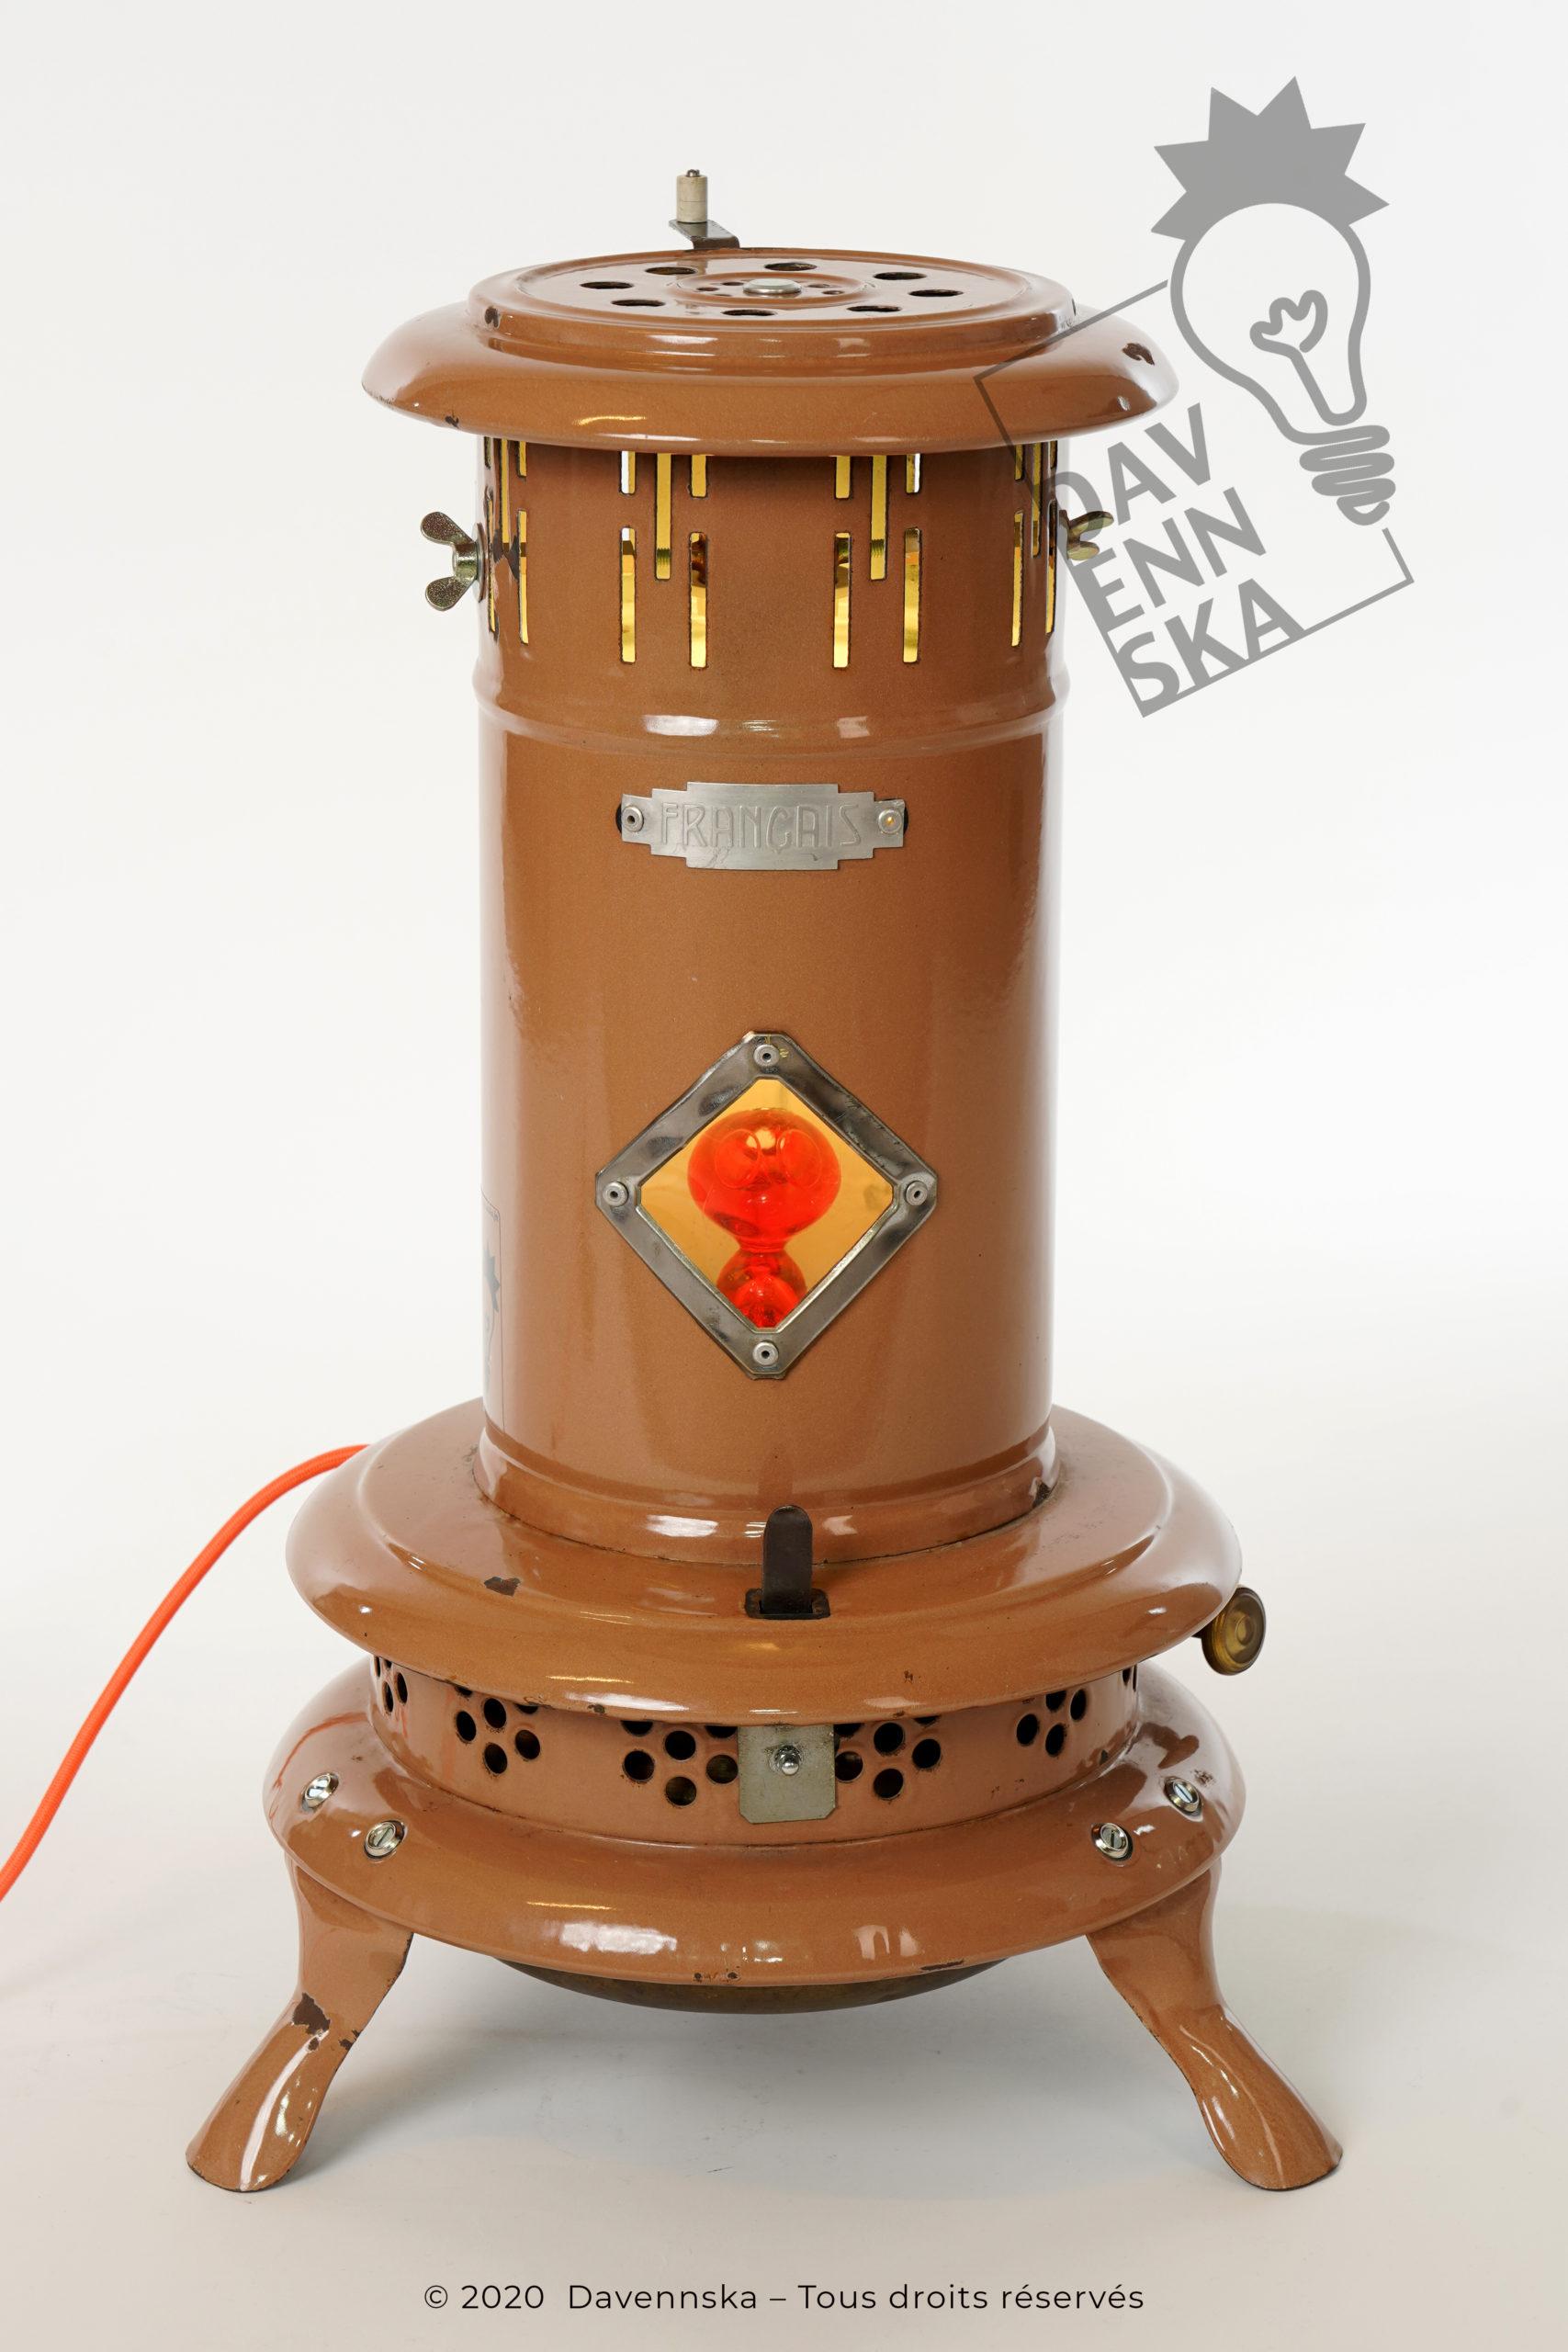 Un poêle à pétrole en tôle émaillée de couleur ocre de la marque Français, décoré d'un extra terrestre koziol orange et équipé d'une ampoule led multicolore